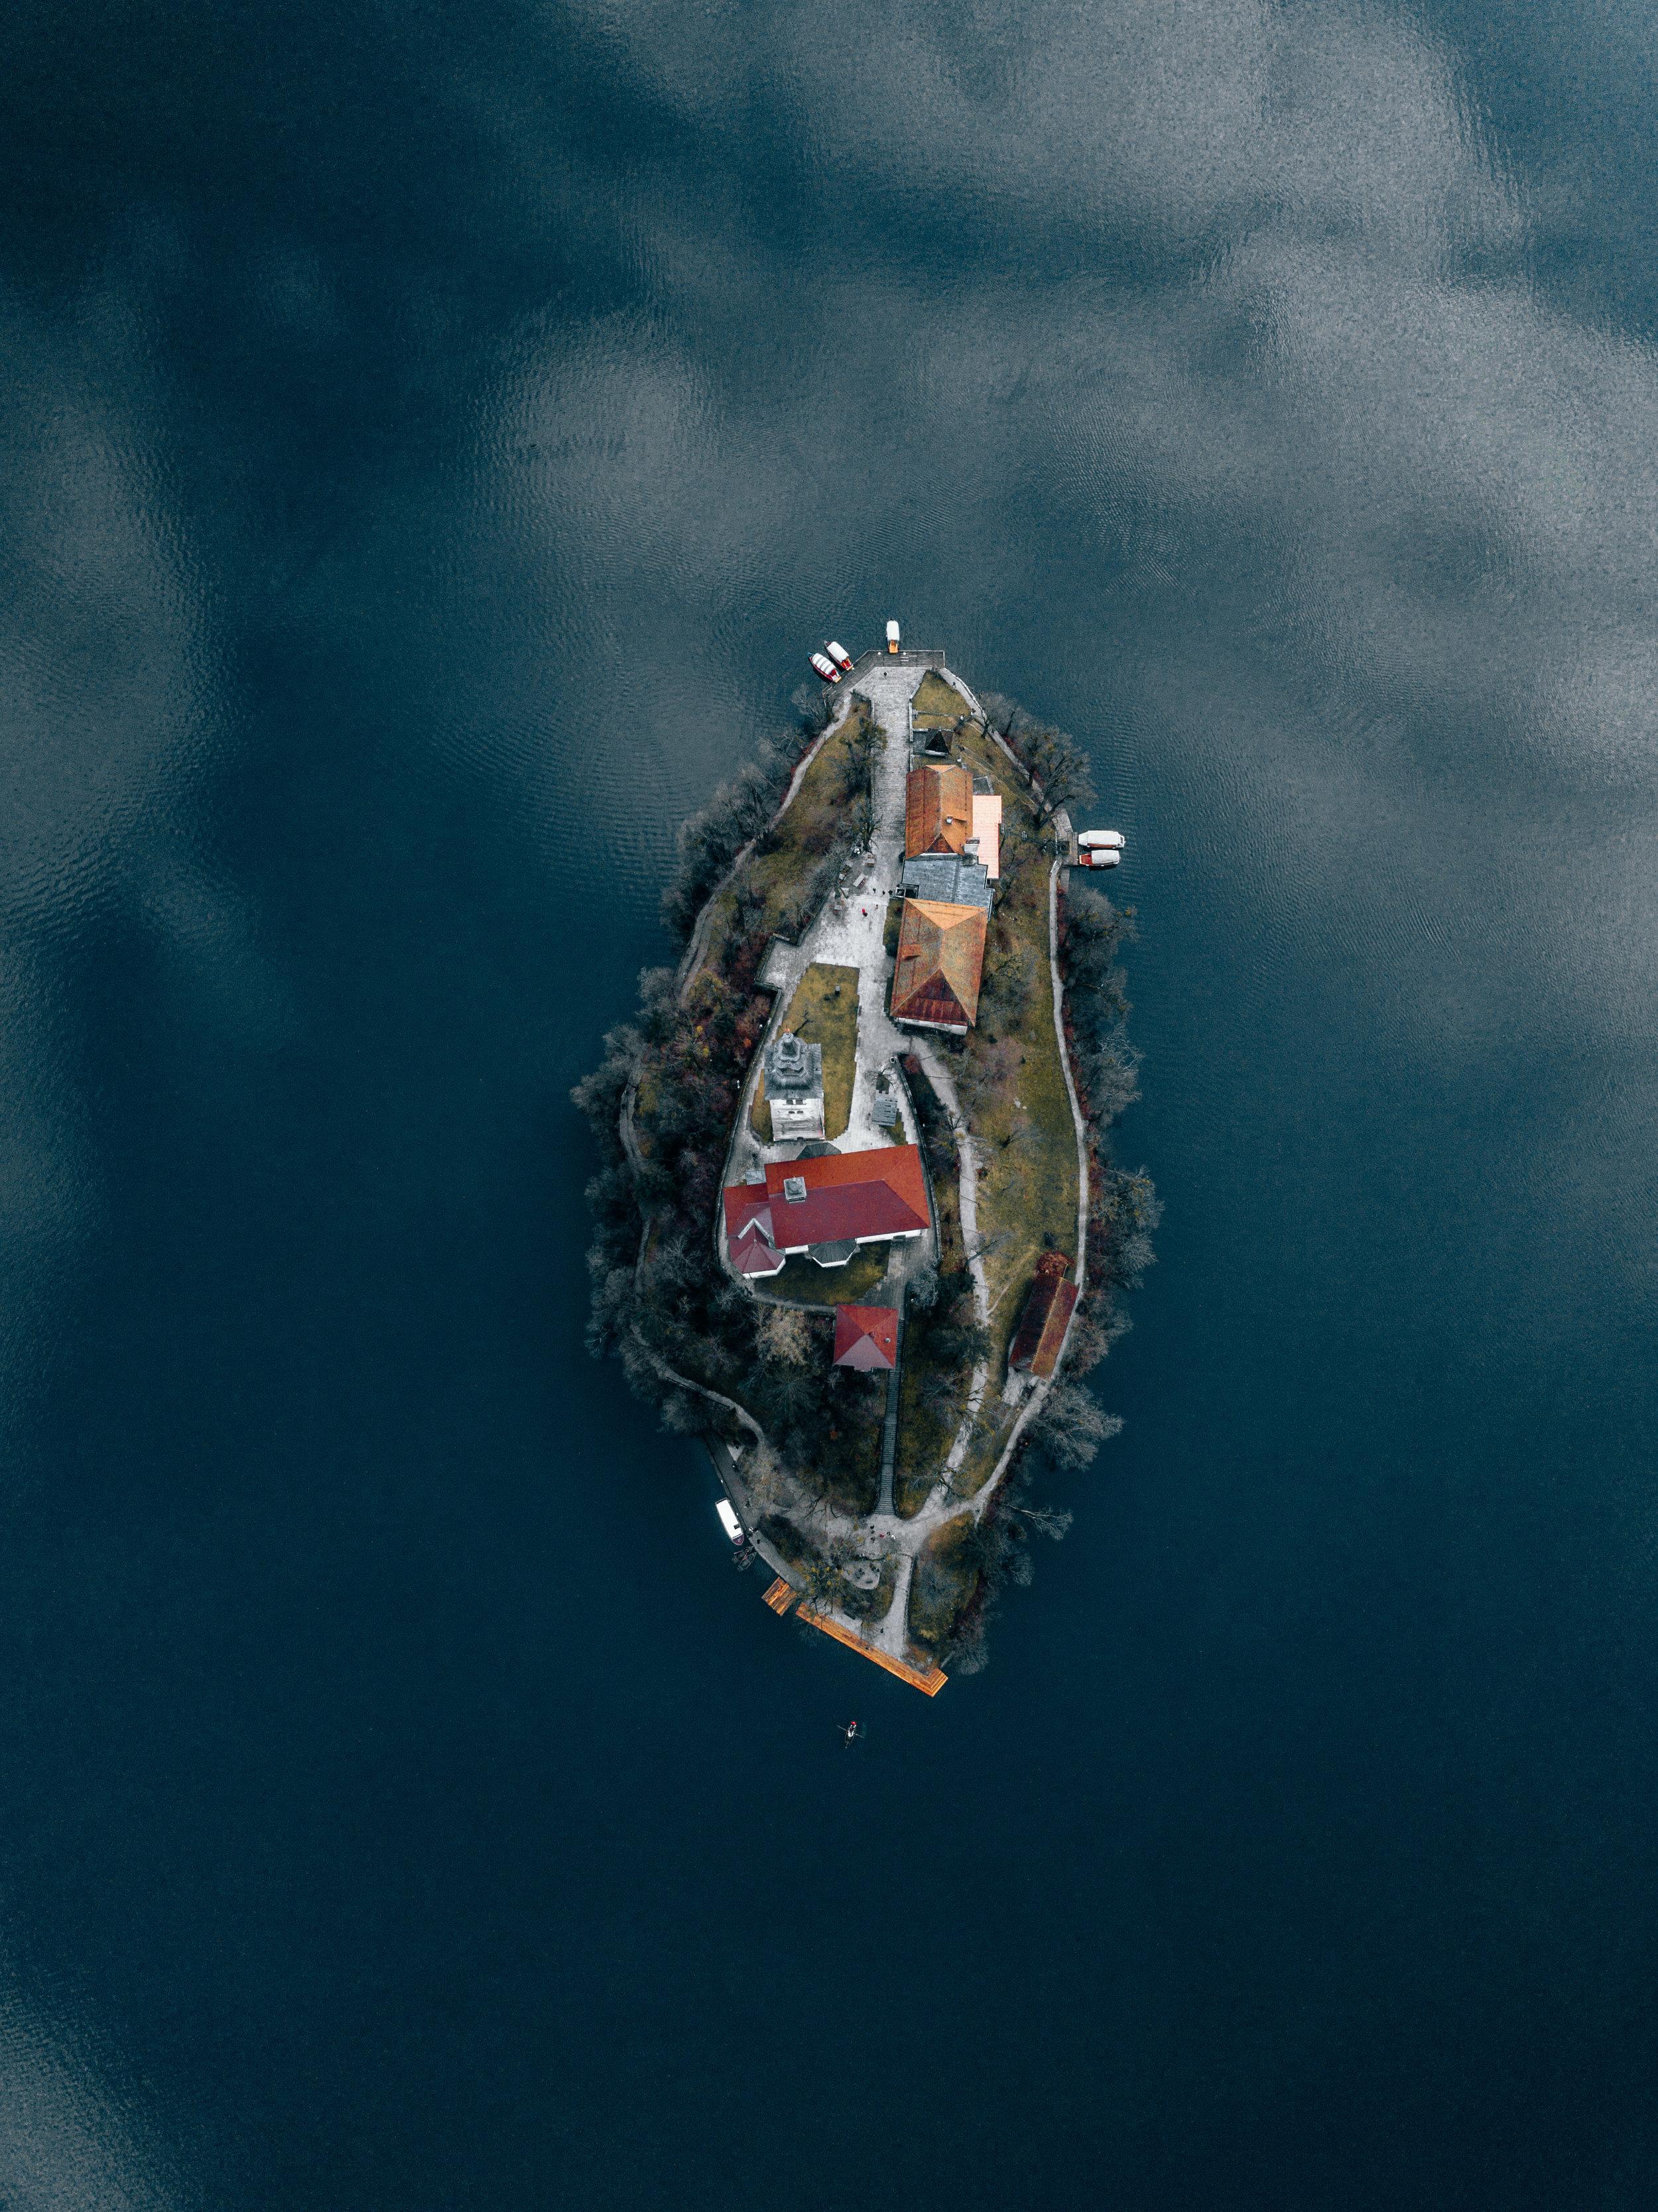 Flying over Bled